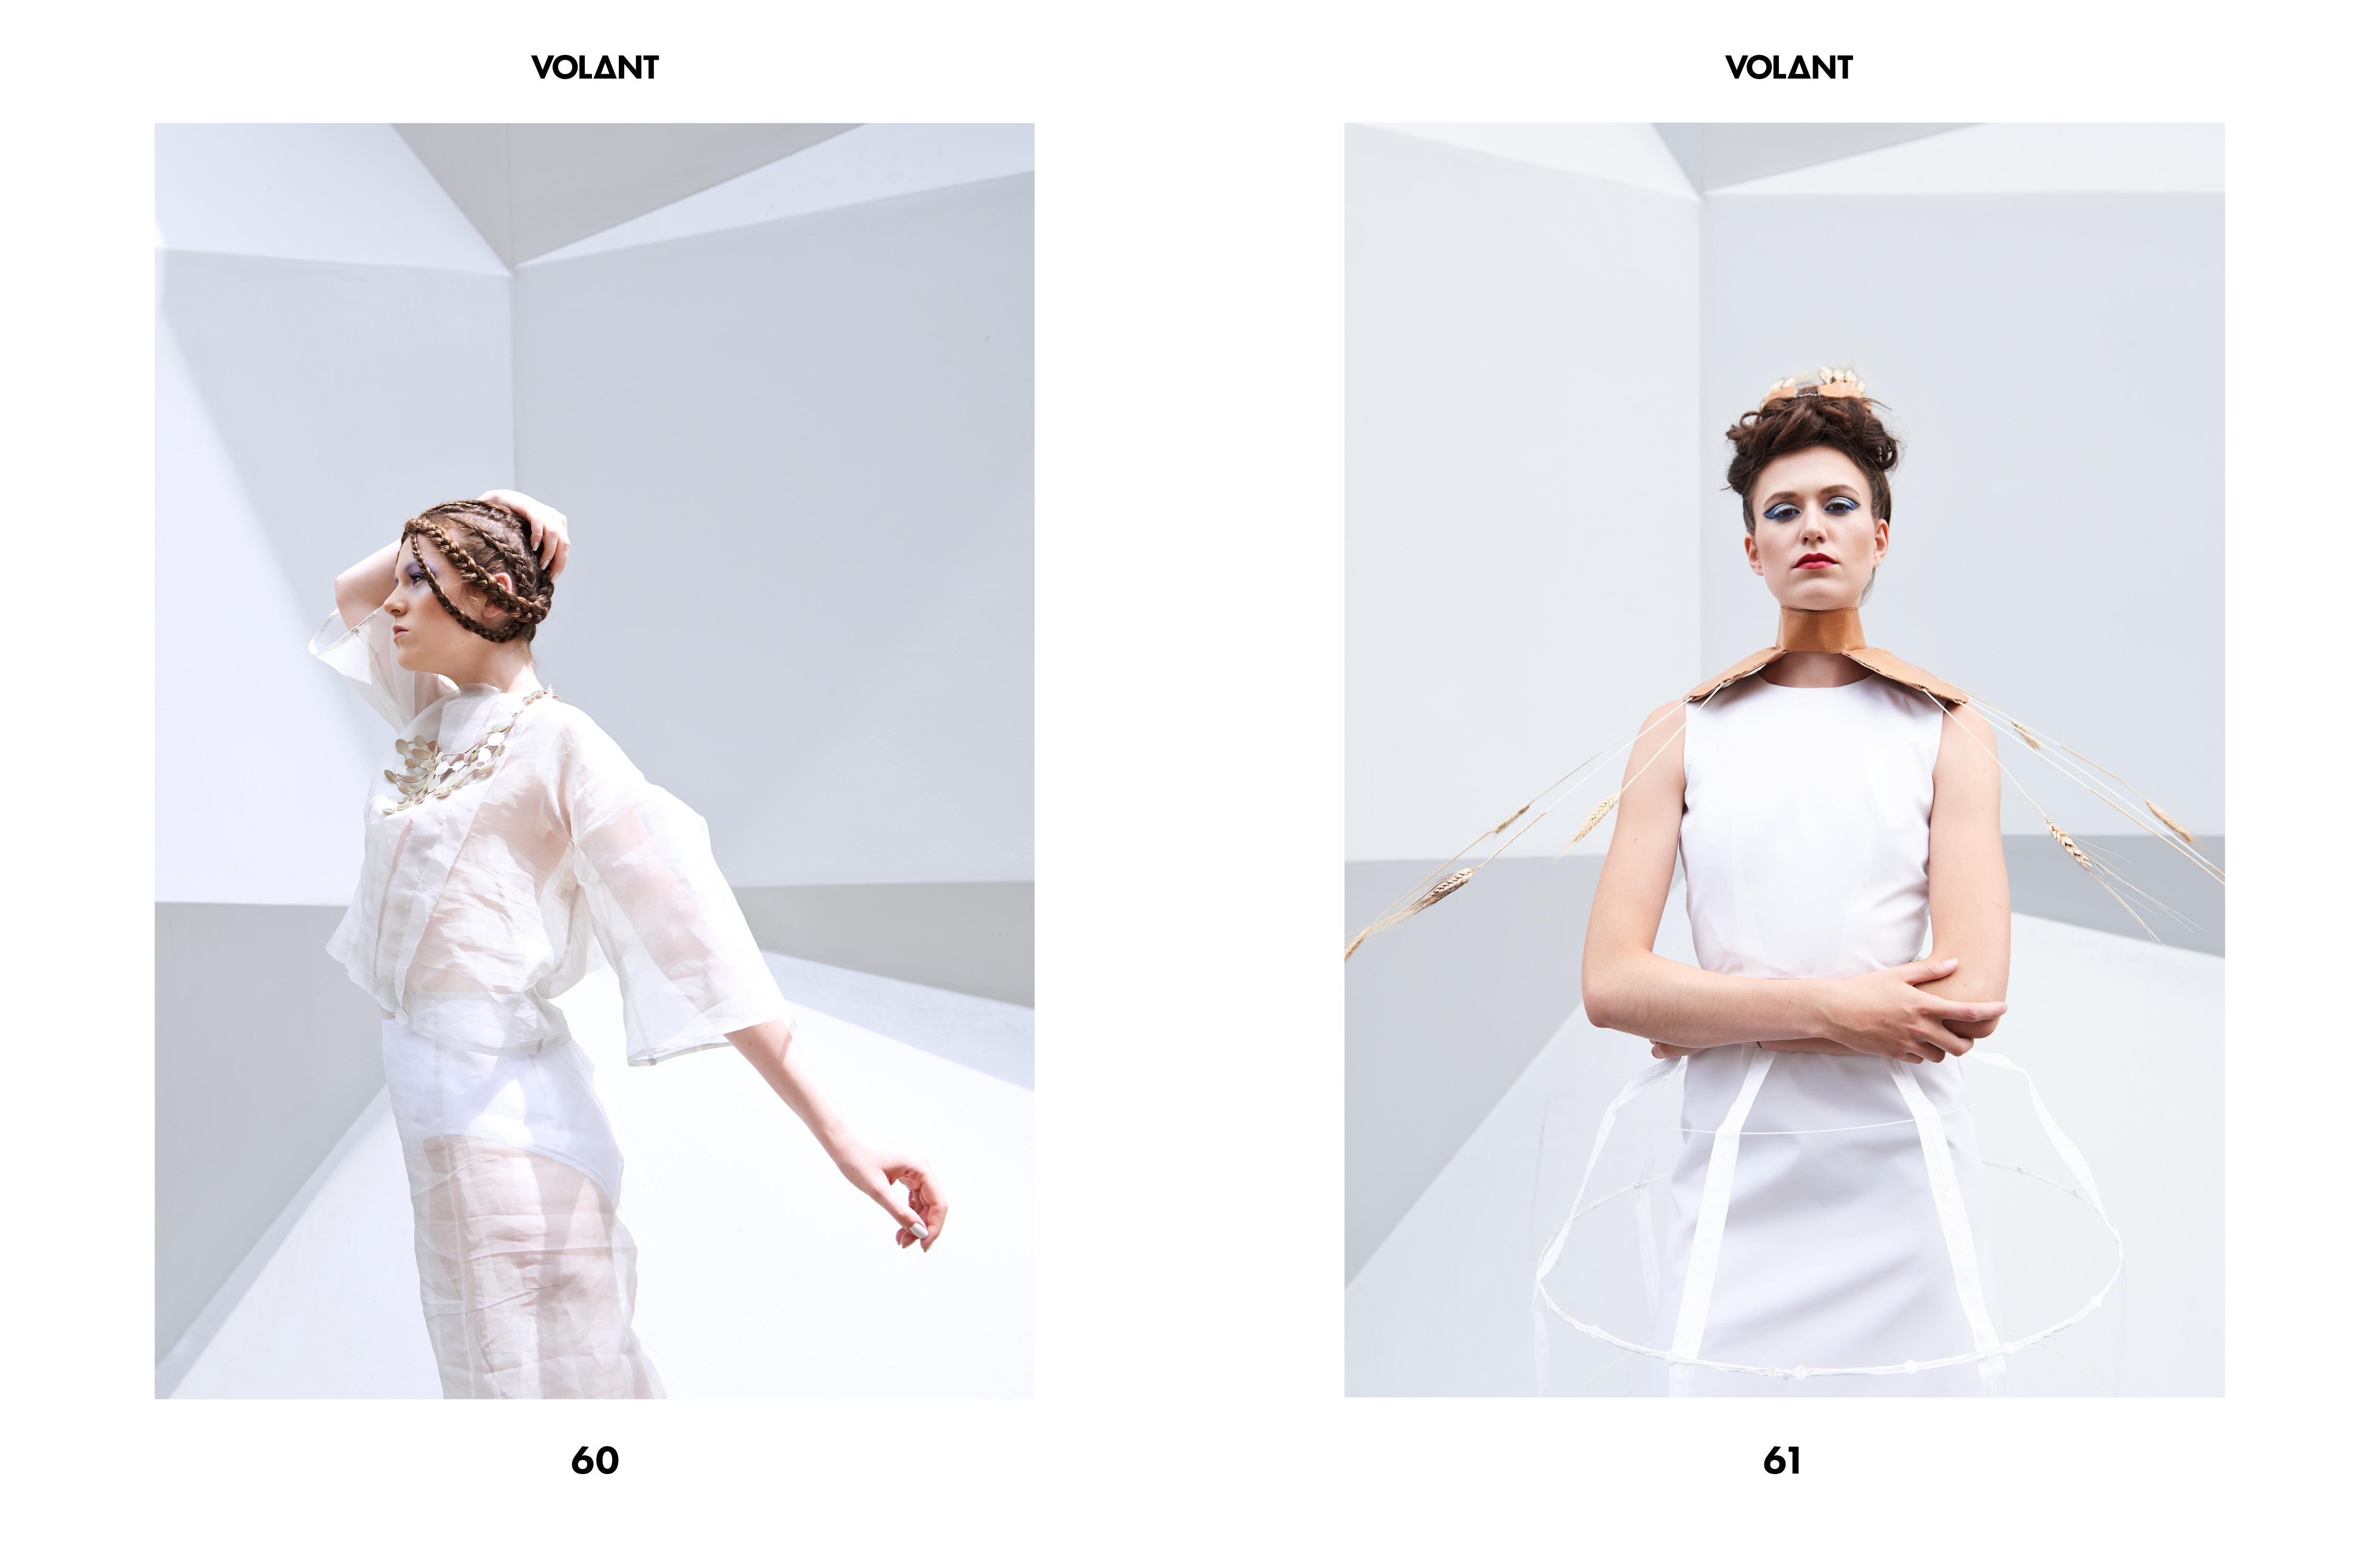 VOLANT_No05_Diversity_VOL0131